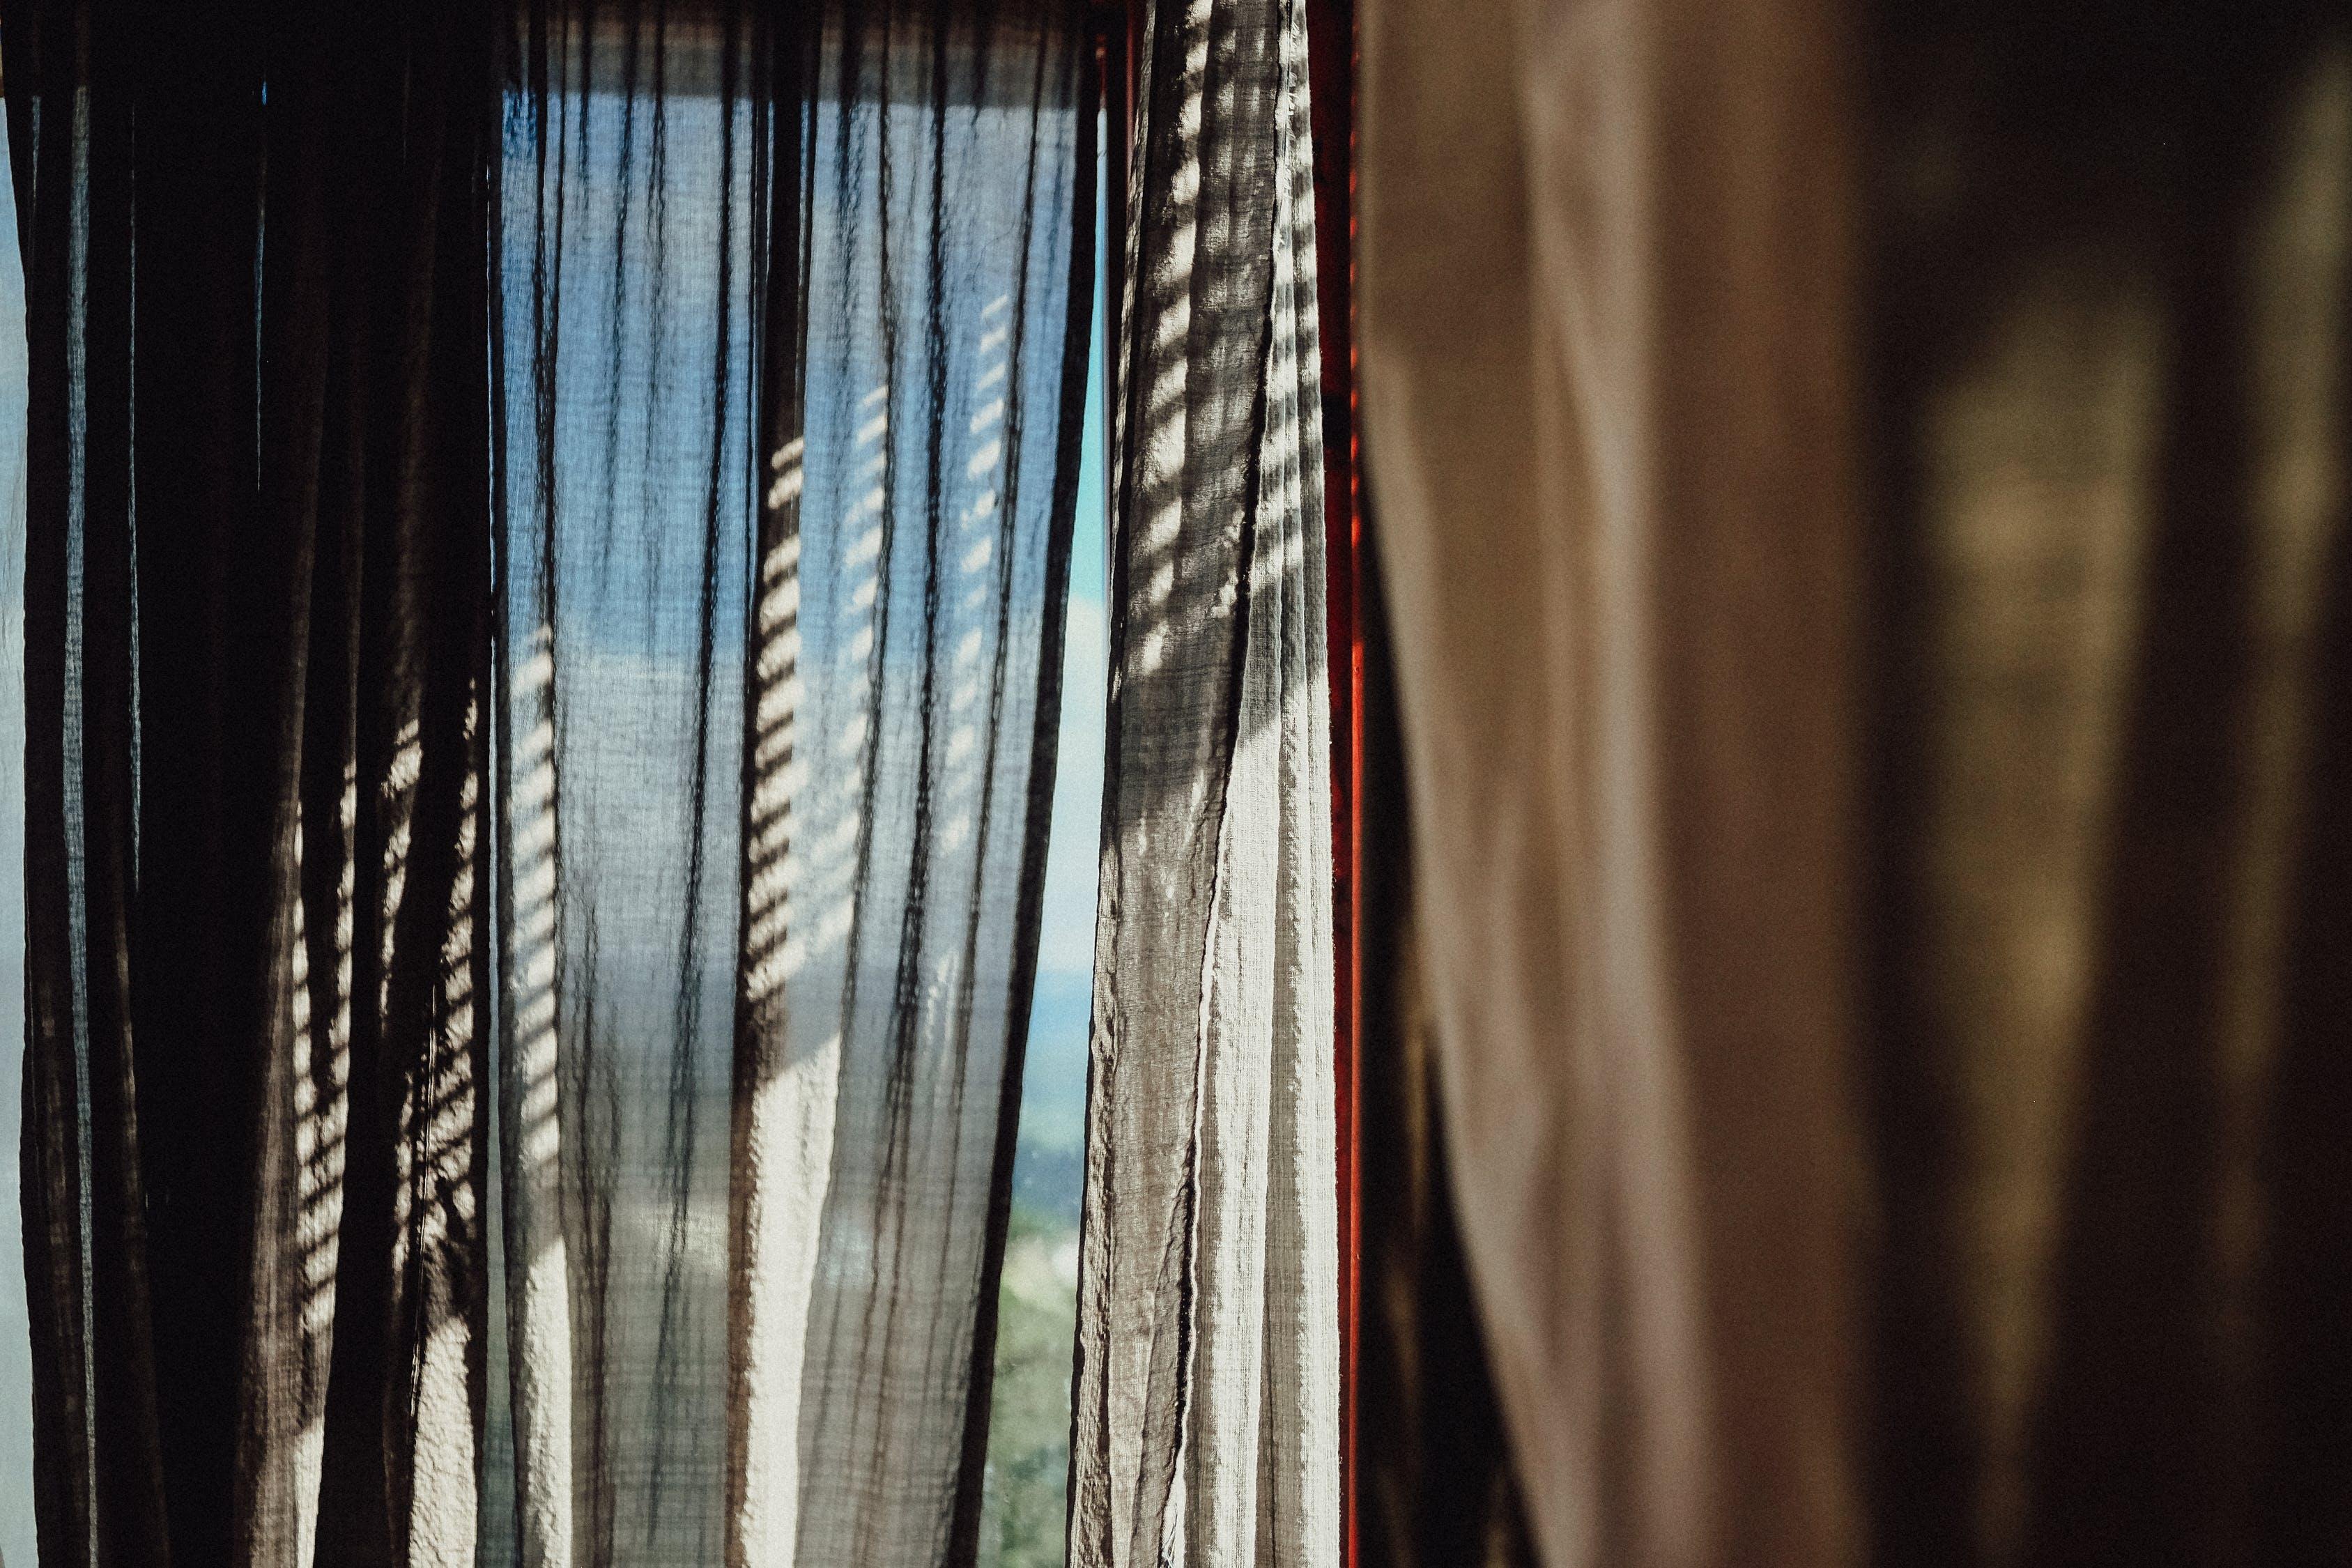 Je nieuwe huis is pas echt af met de juiste raambekleding #raambekleding #gordijnen #jaloezieen #nederland